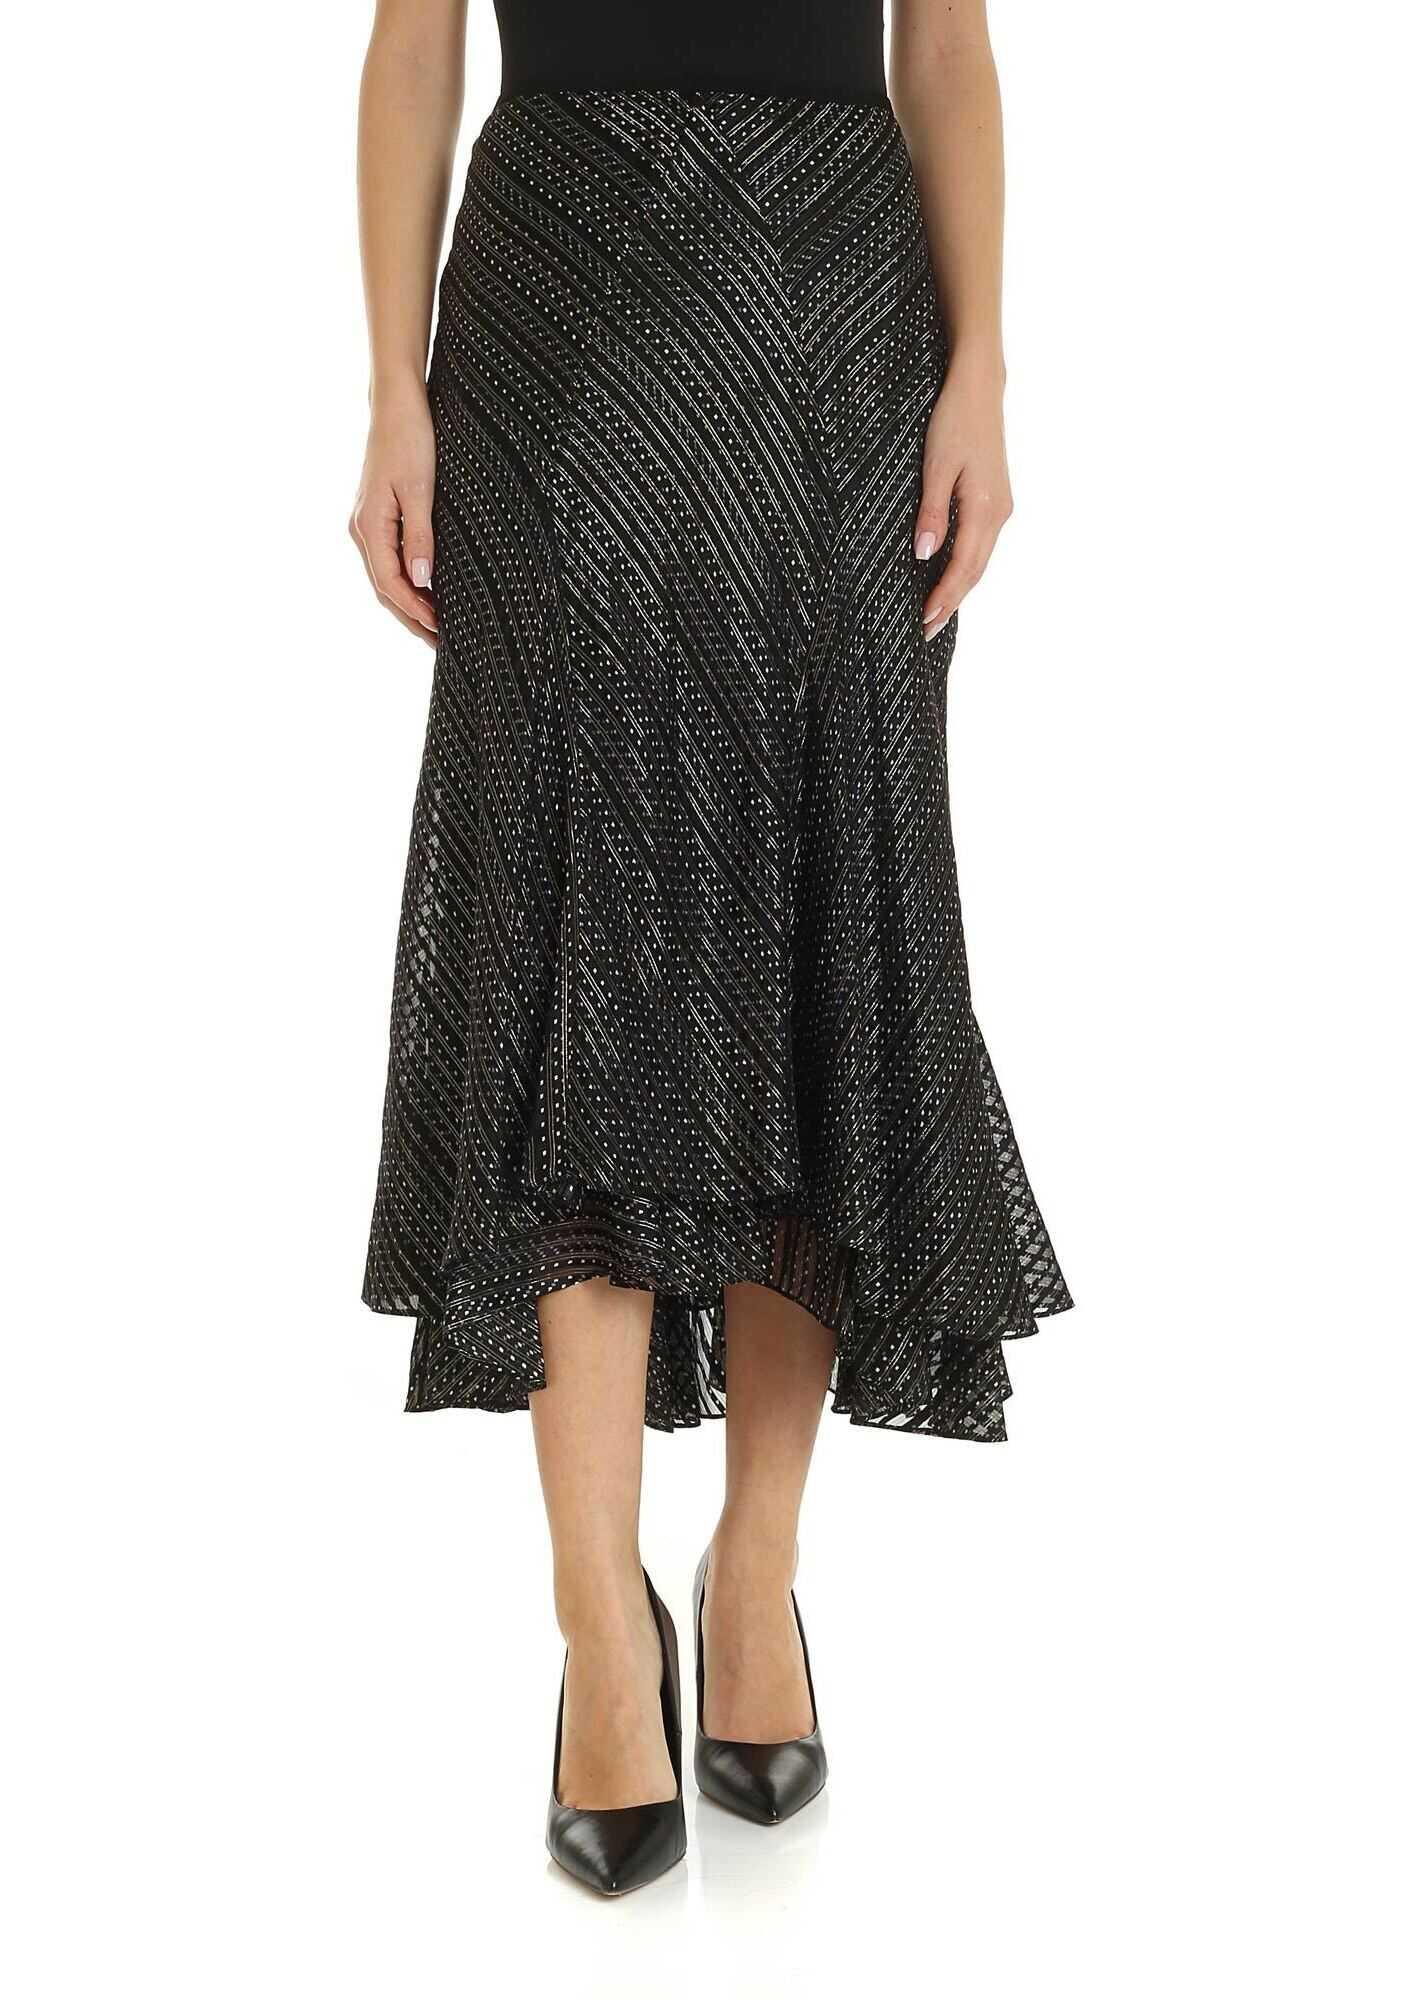 Diane von Furstenberg Debra Skirt In Black And Gold Black